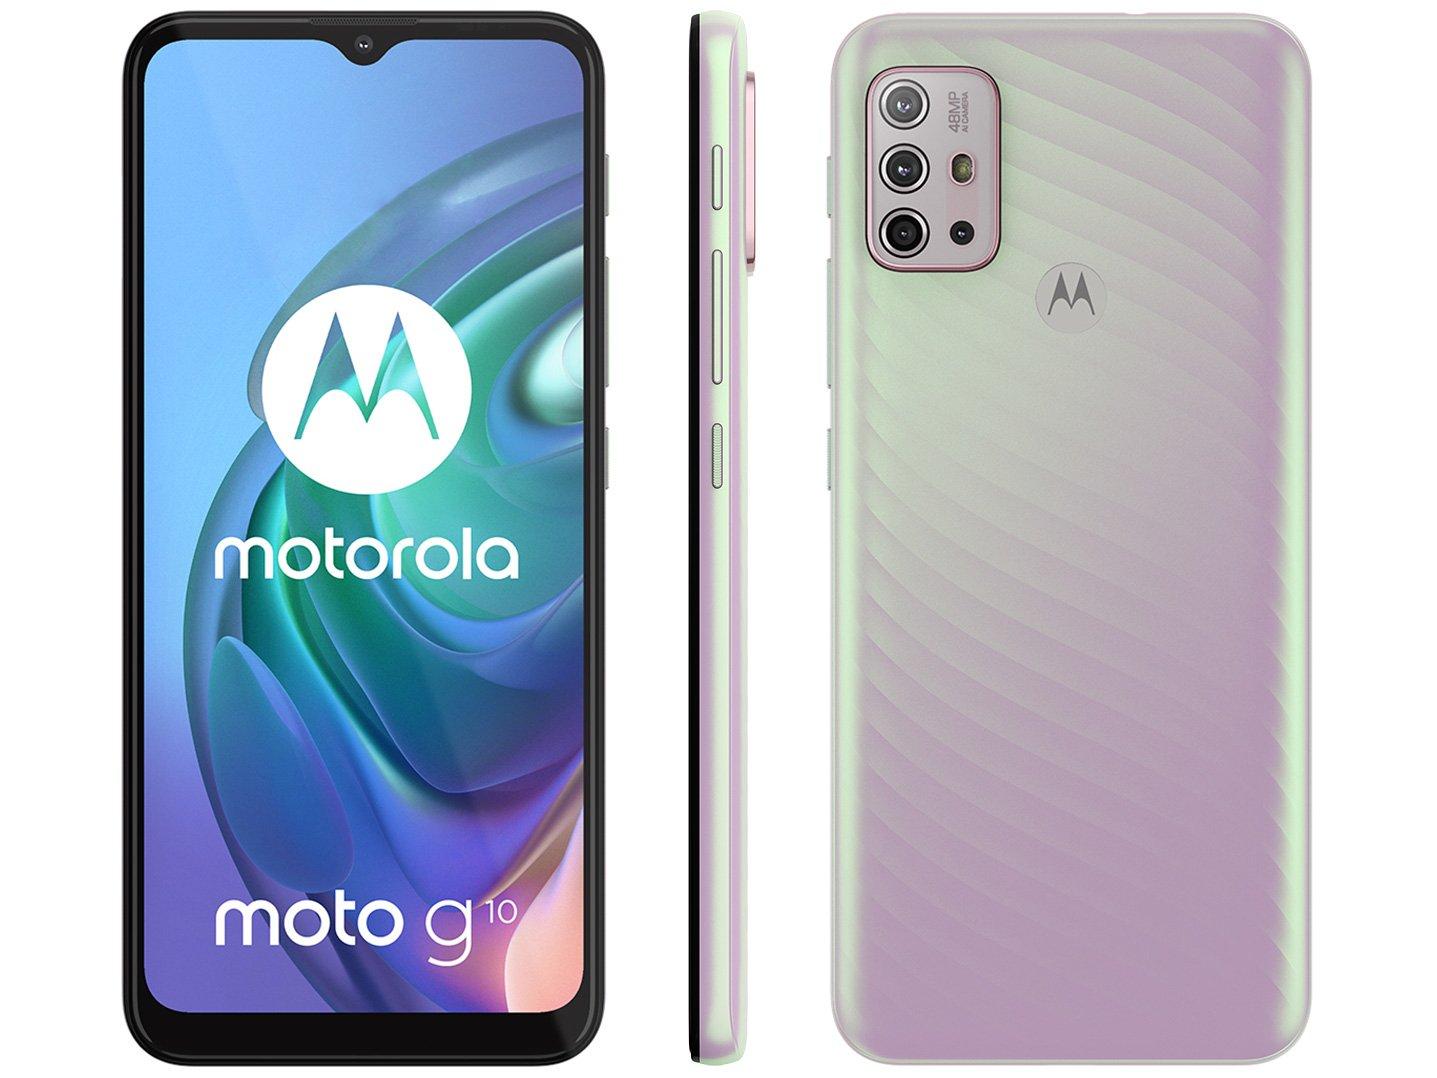 """Smartphone Motorola Moto G10 Branco Floral 64GB, 4GB Ram, Tela de 6.5"""", Câmera Traseira Quádrupla, Android 11 e Processador Qualcomm 460 Octa-Core - 1"""